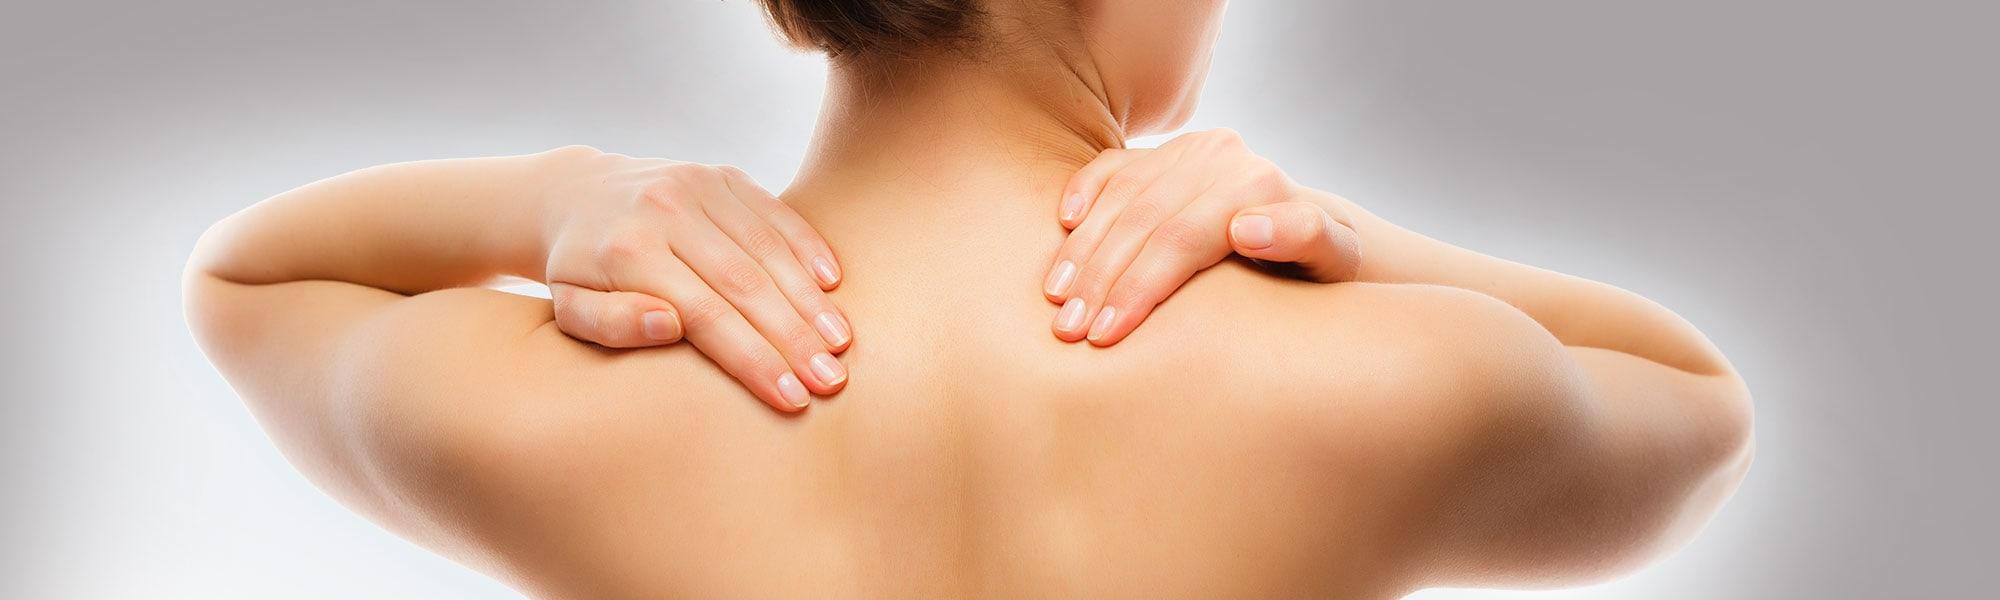 хирургия плеча в Германии